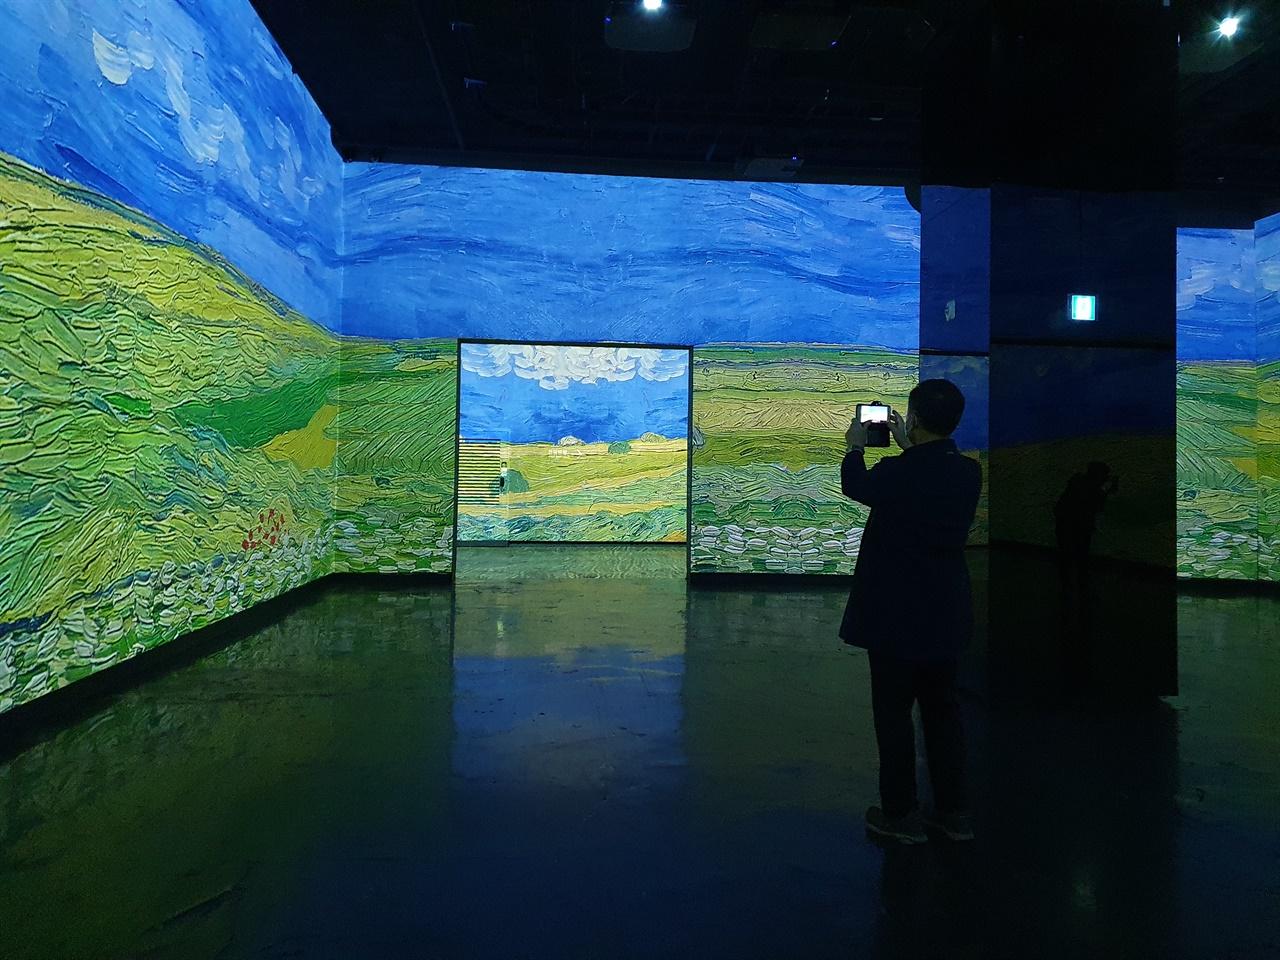 빛의 벙커 반 고흐 전 반 고흐의 작품이 미디어 아트로 재창조돼 전시 중이다. 전시장 내부는 자유롭게 촬영이 허용된다.